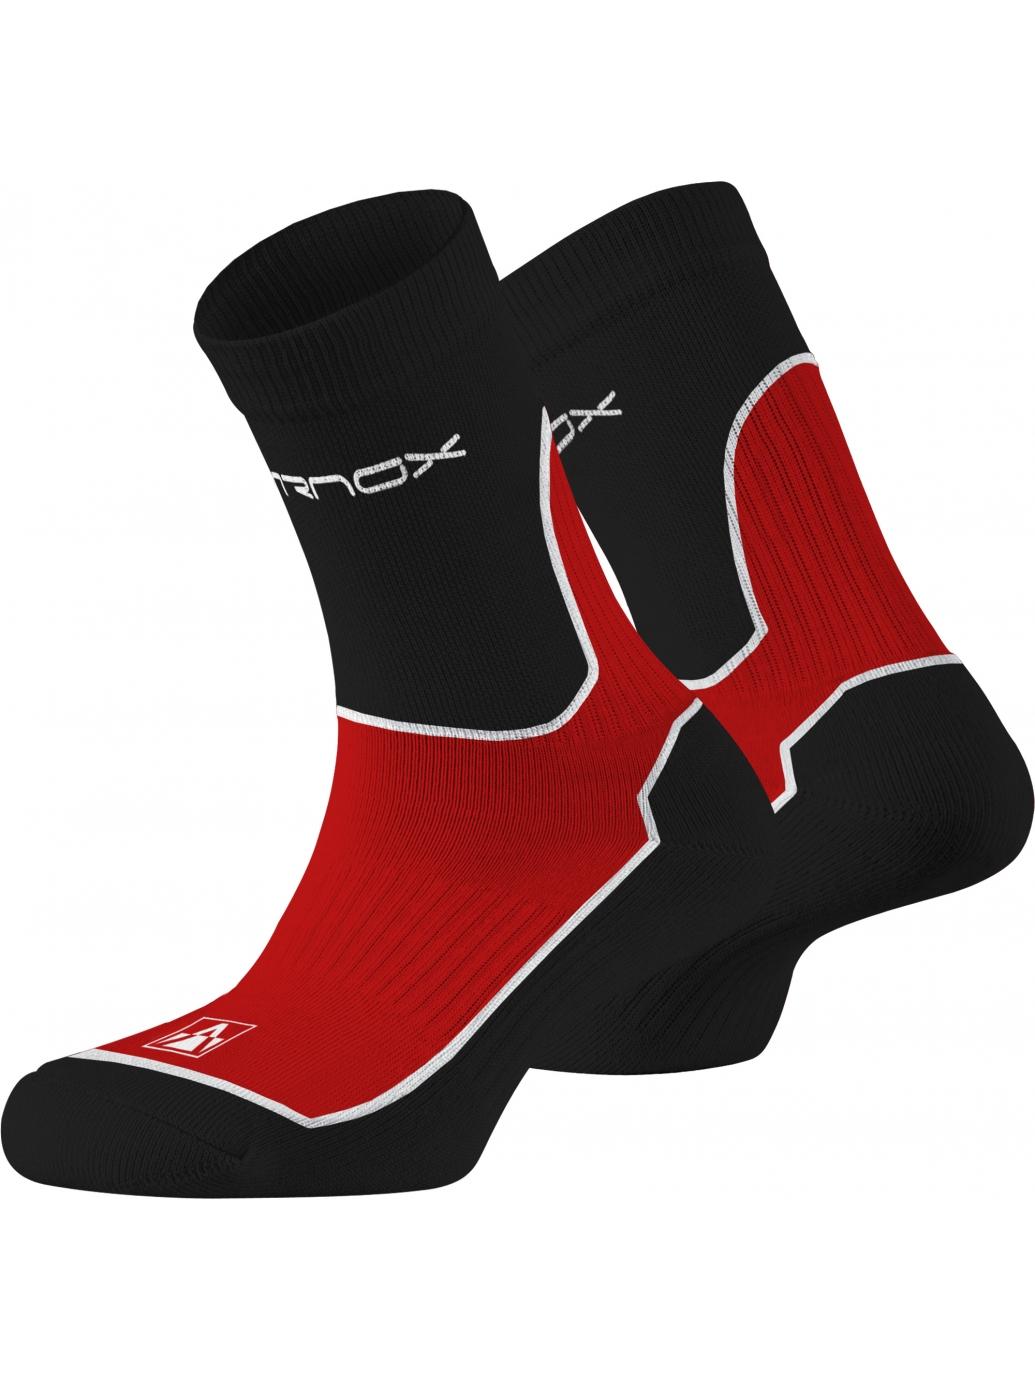 ... Športové oblečenie · Ponožky   Podkolienky · Ponožky · Outdoor.  undefined 47c2cb6f8be